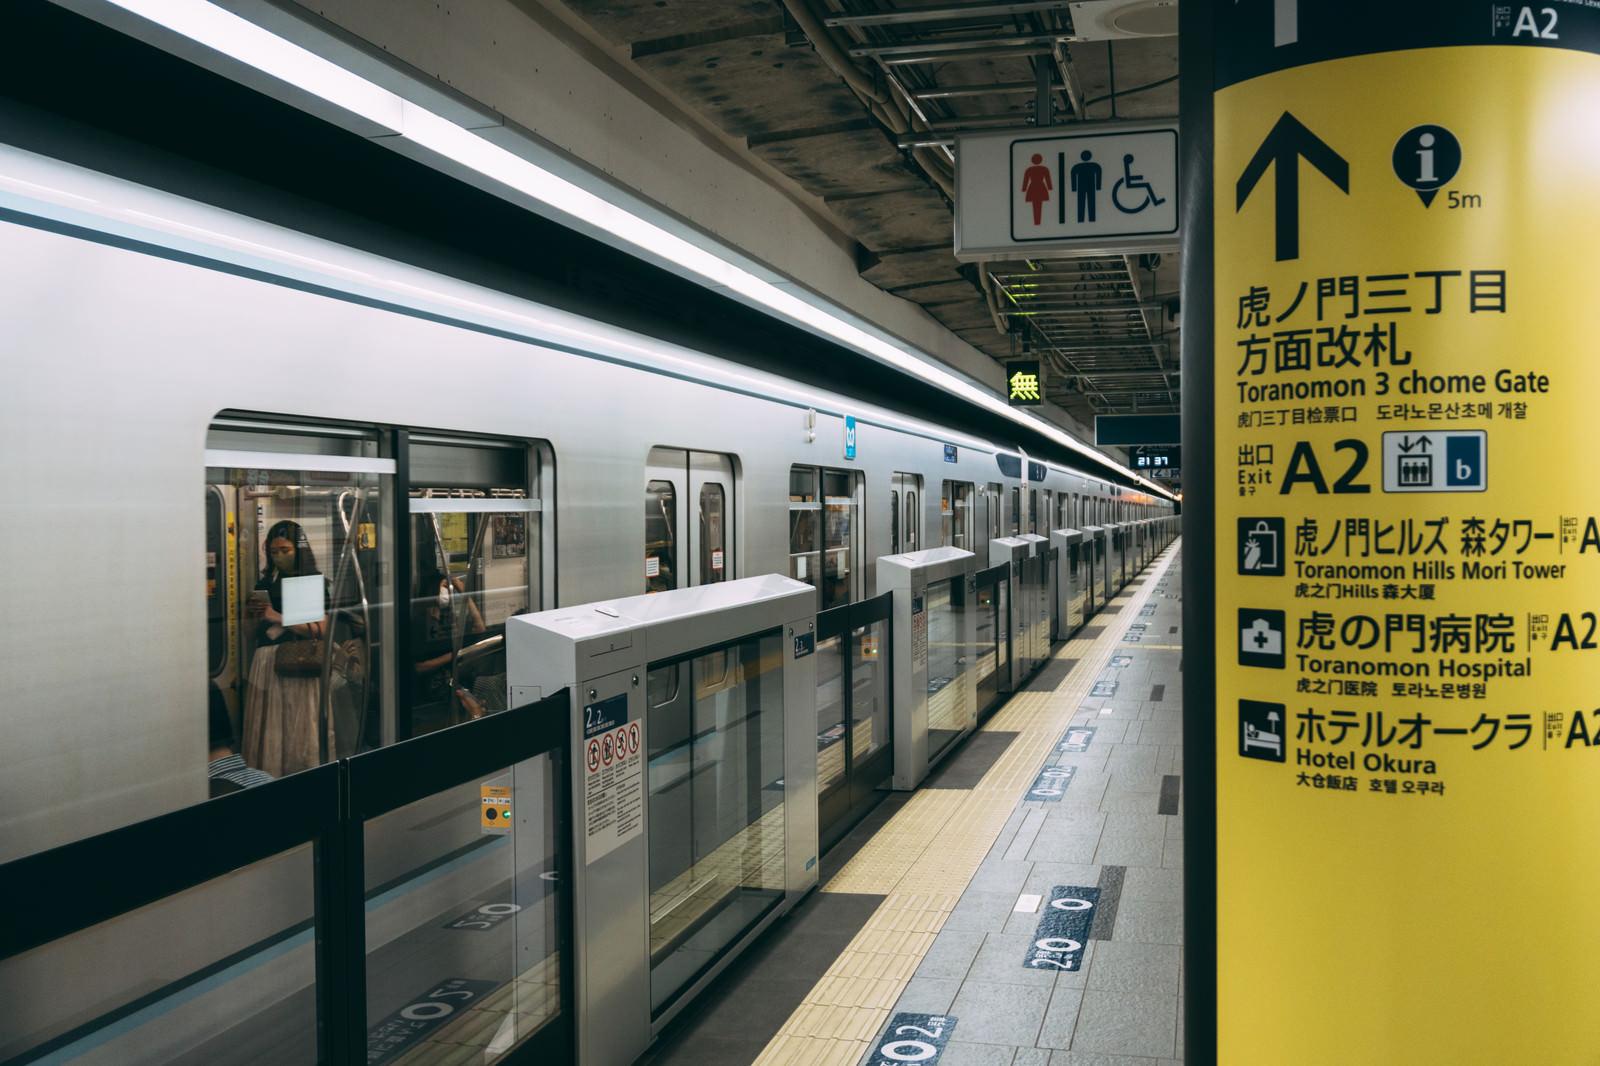 「虎ノ門三丁目方面改札を示す矢印(虎ノ門ヒルズ駅)」の写真